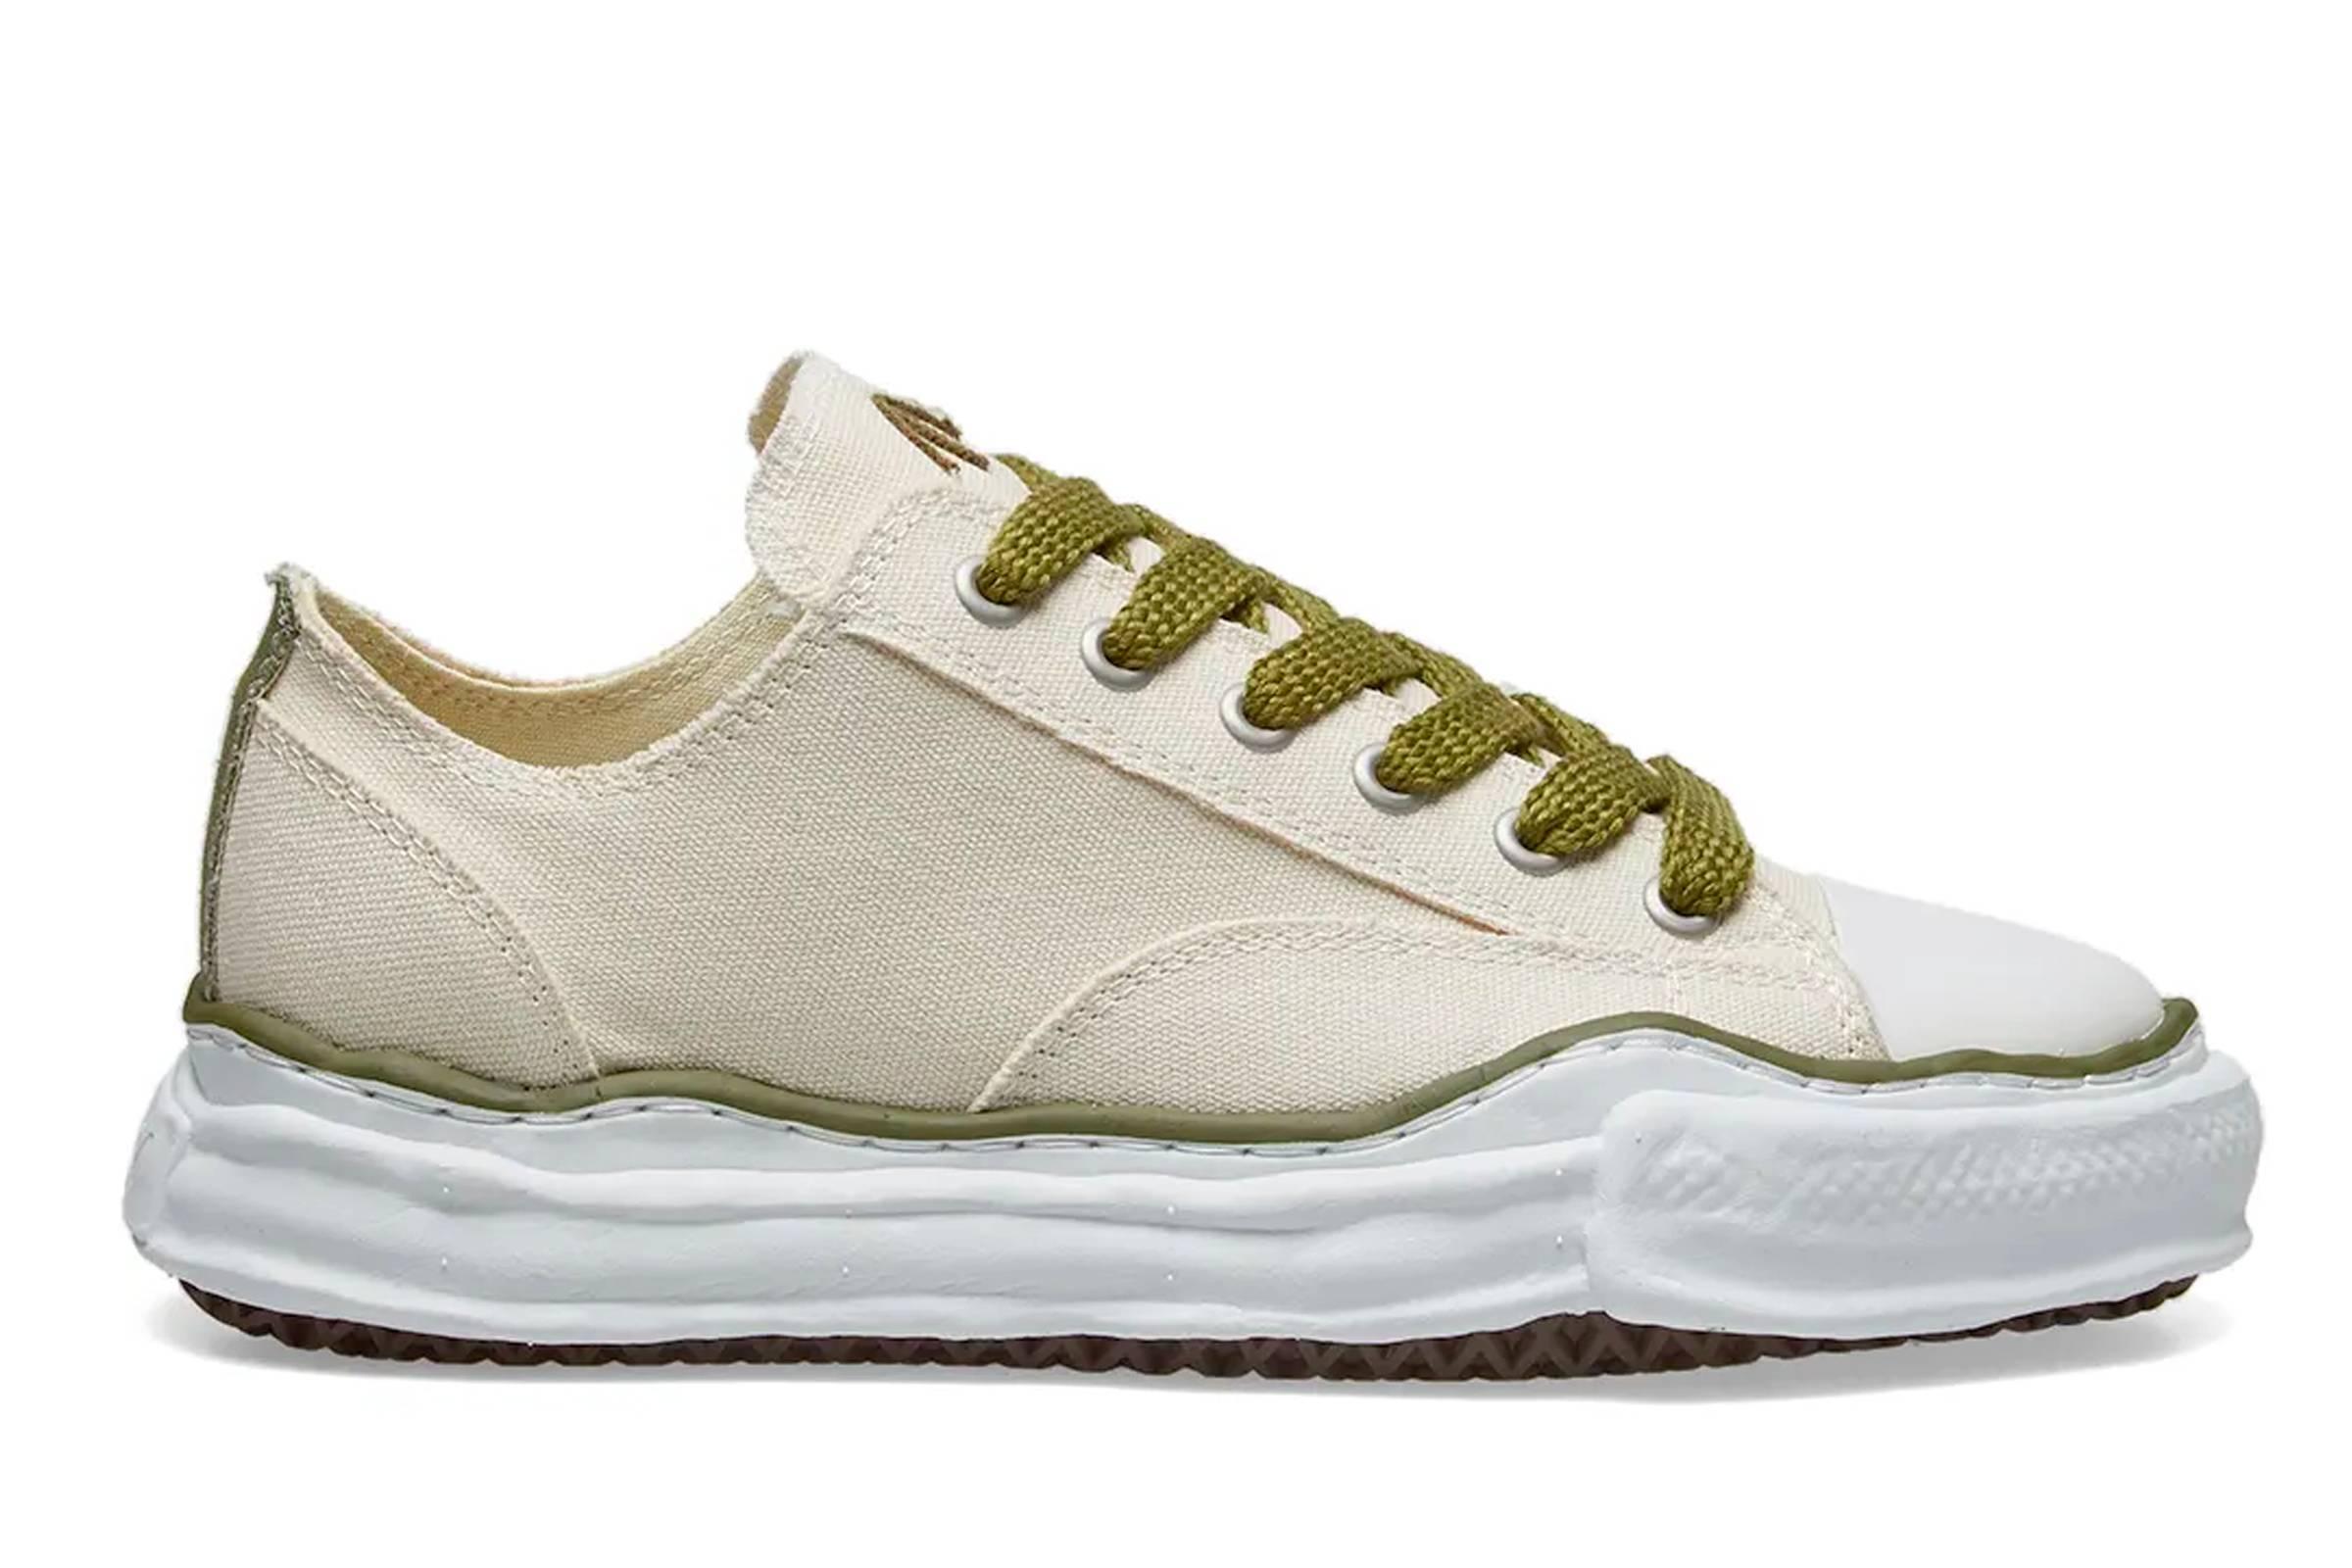 Nigel Cabourn x Miharayasuhiro Sneaker